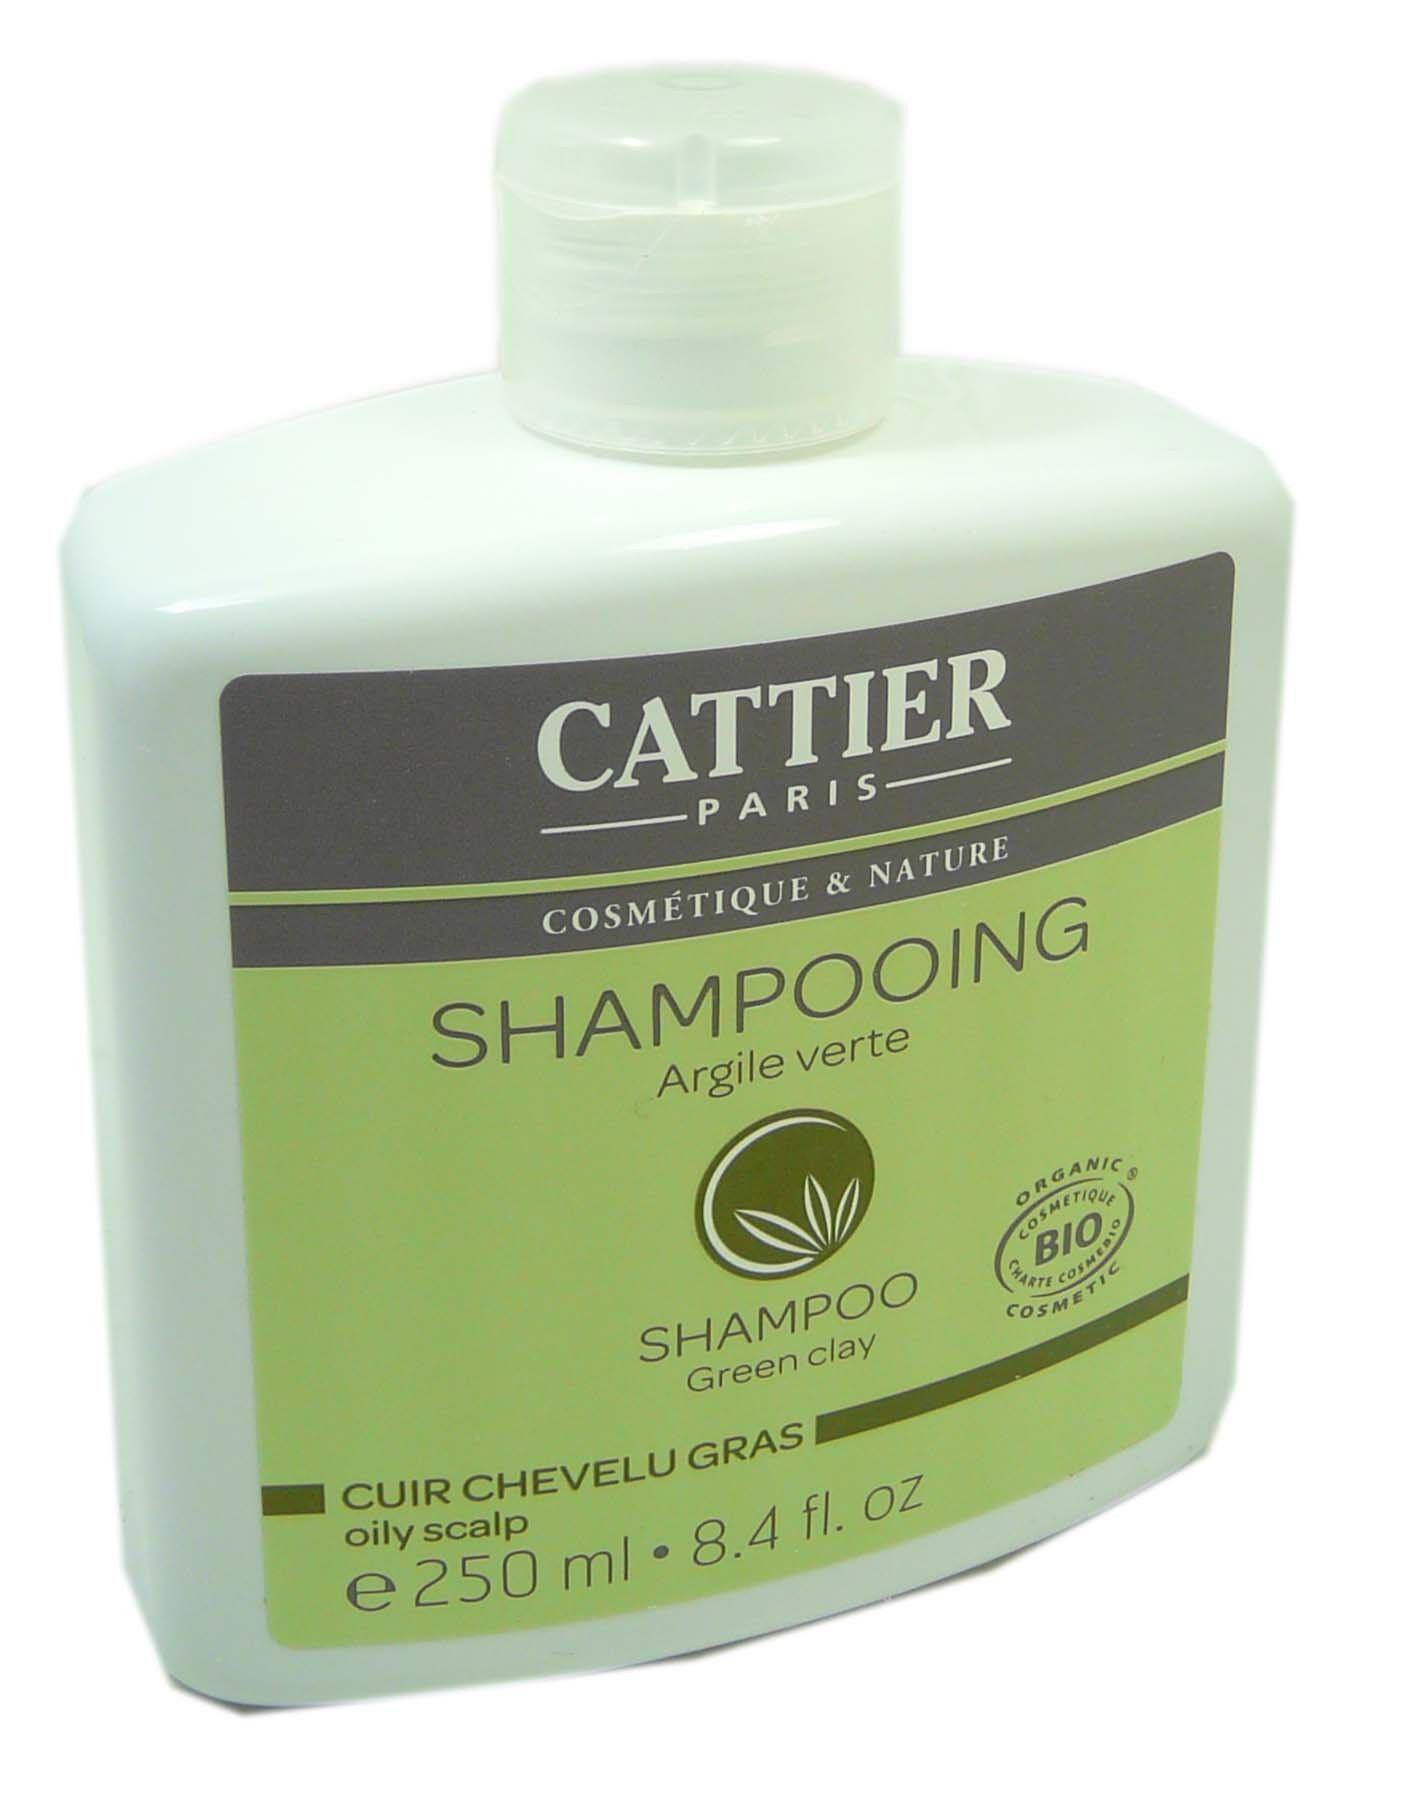 Cattier shampooing argile verte 250ml